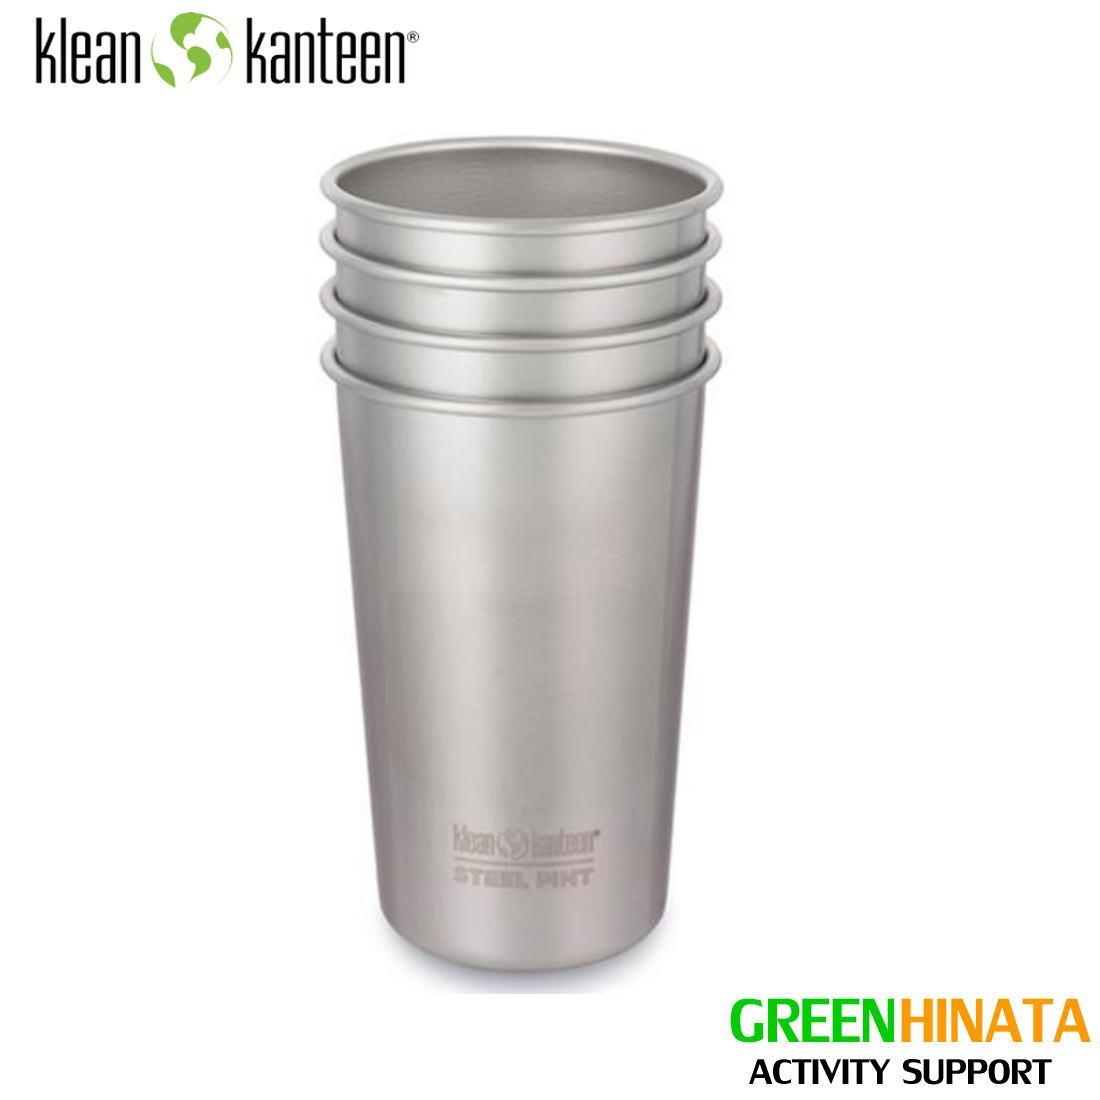 正規品 商店 KLEANKANTEEN 送料無料 国内正規品 クリーンカンティーン パイントカップ 16oz 4個セット 実用的 Cup 売れ筋 ギフト 父の日 コップ プレゼント Pint